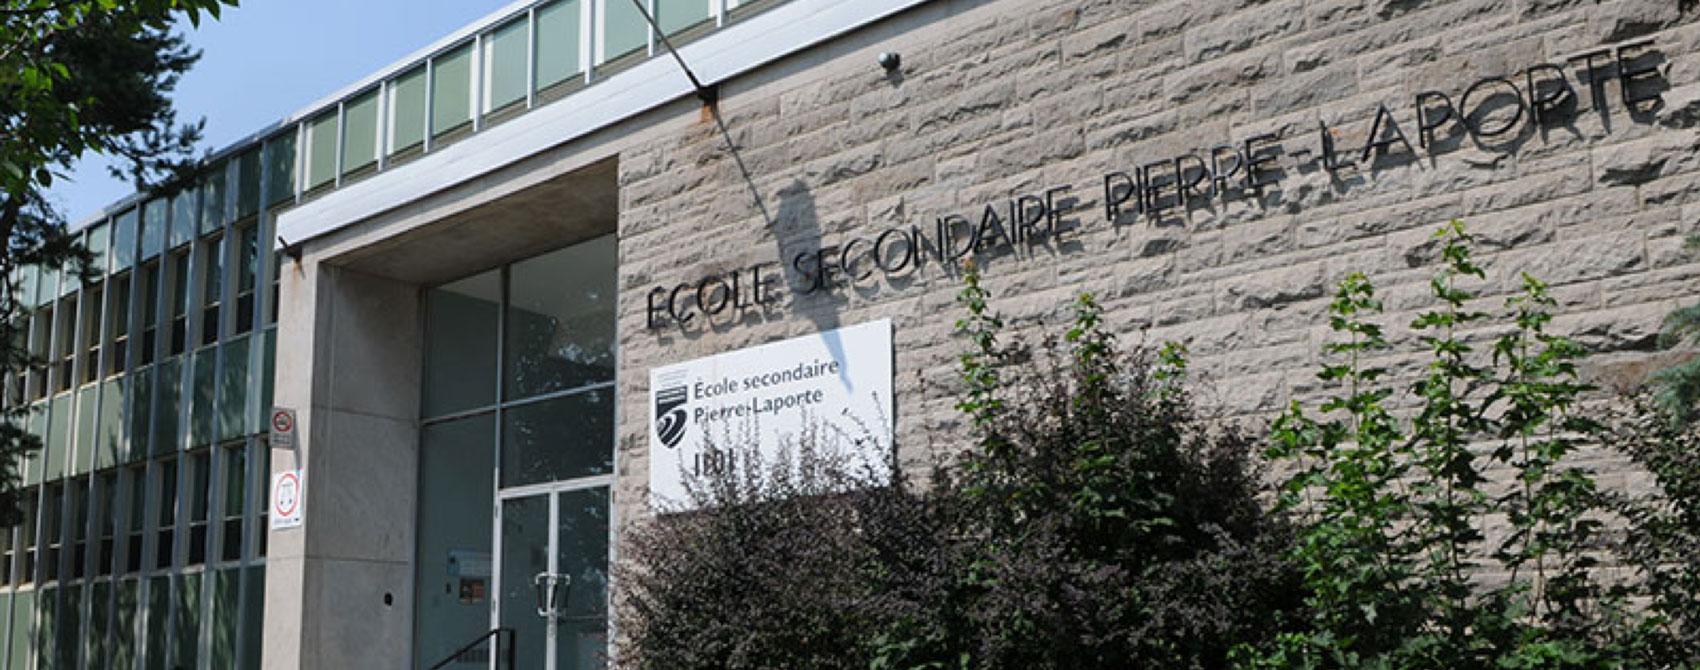 Ecole-Pierre-Laporte_1700